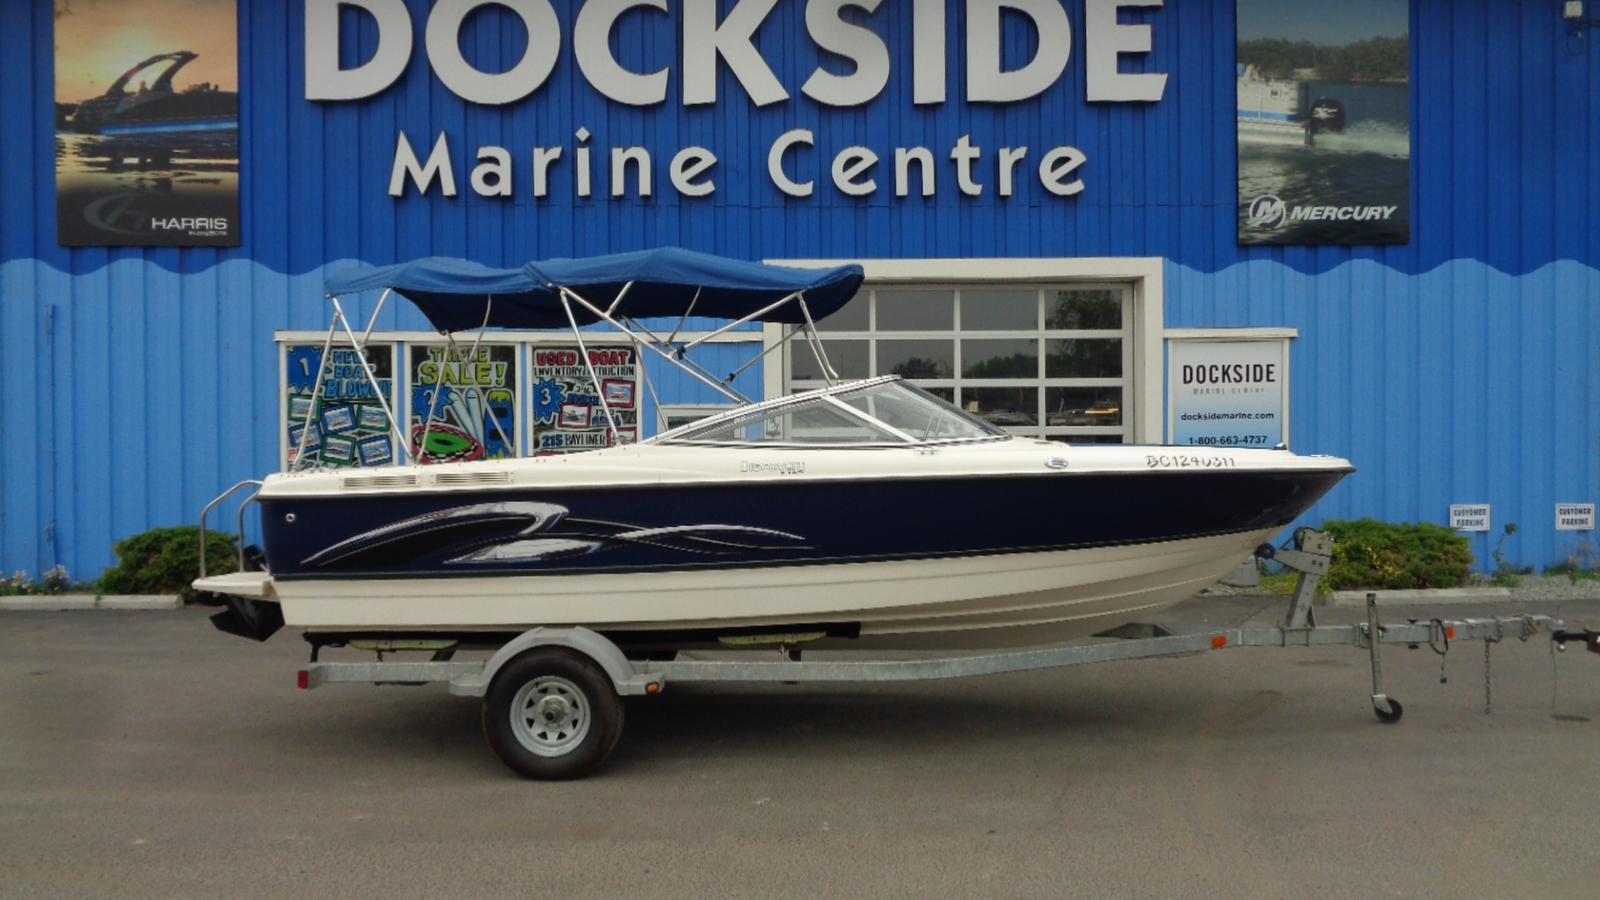 For Sale: 2008 Bayliner 215 Discovery 21ft<br/>Dockside Marine Centre, LTD.